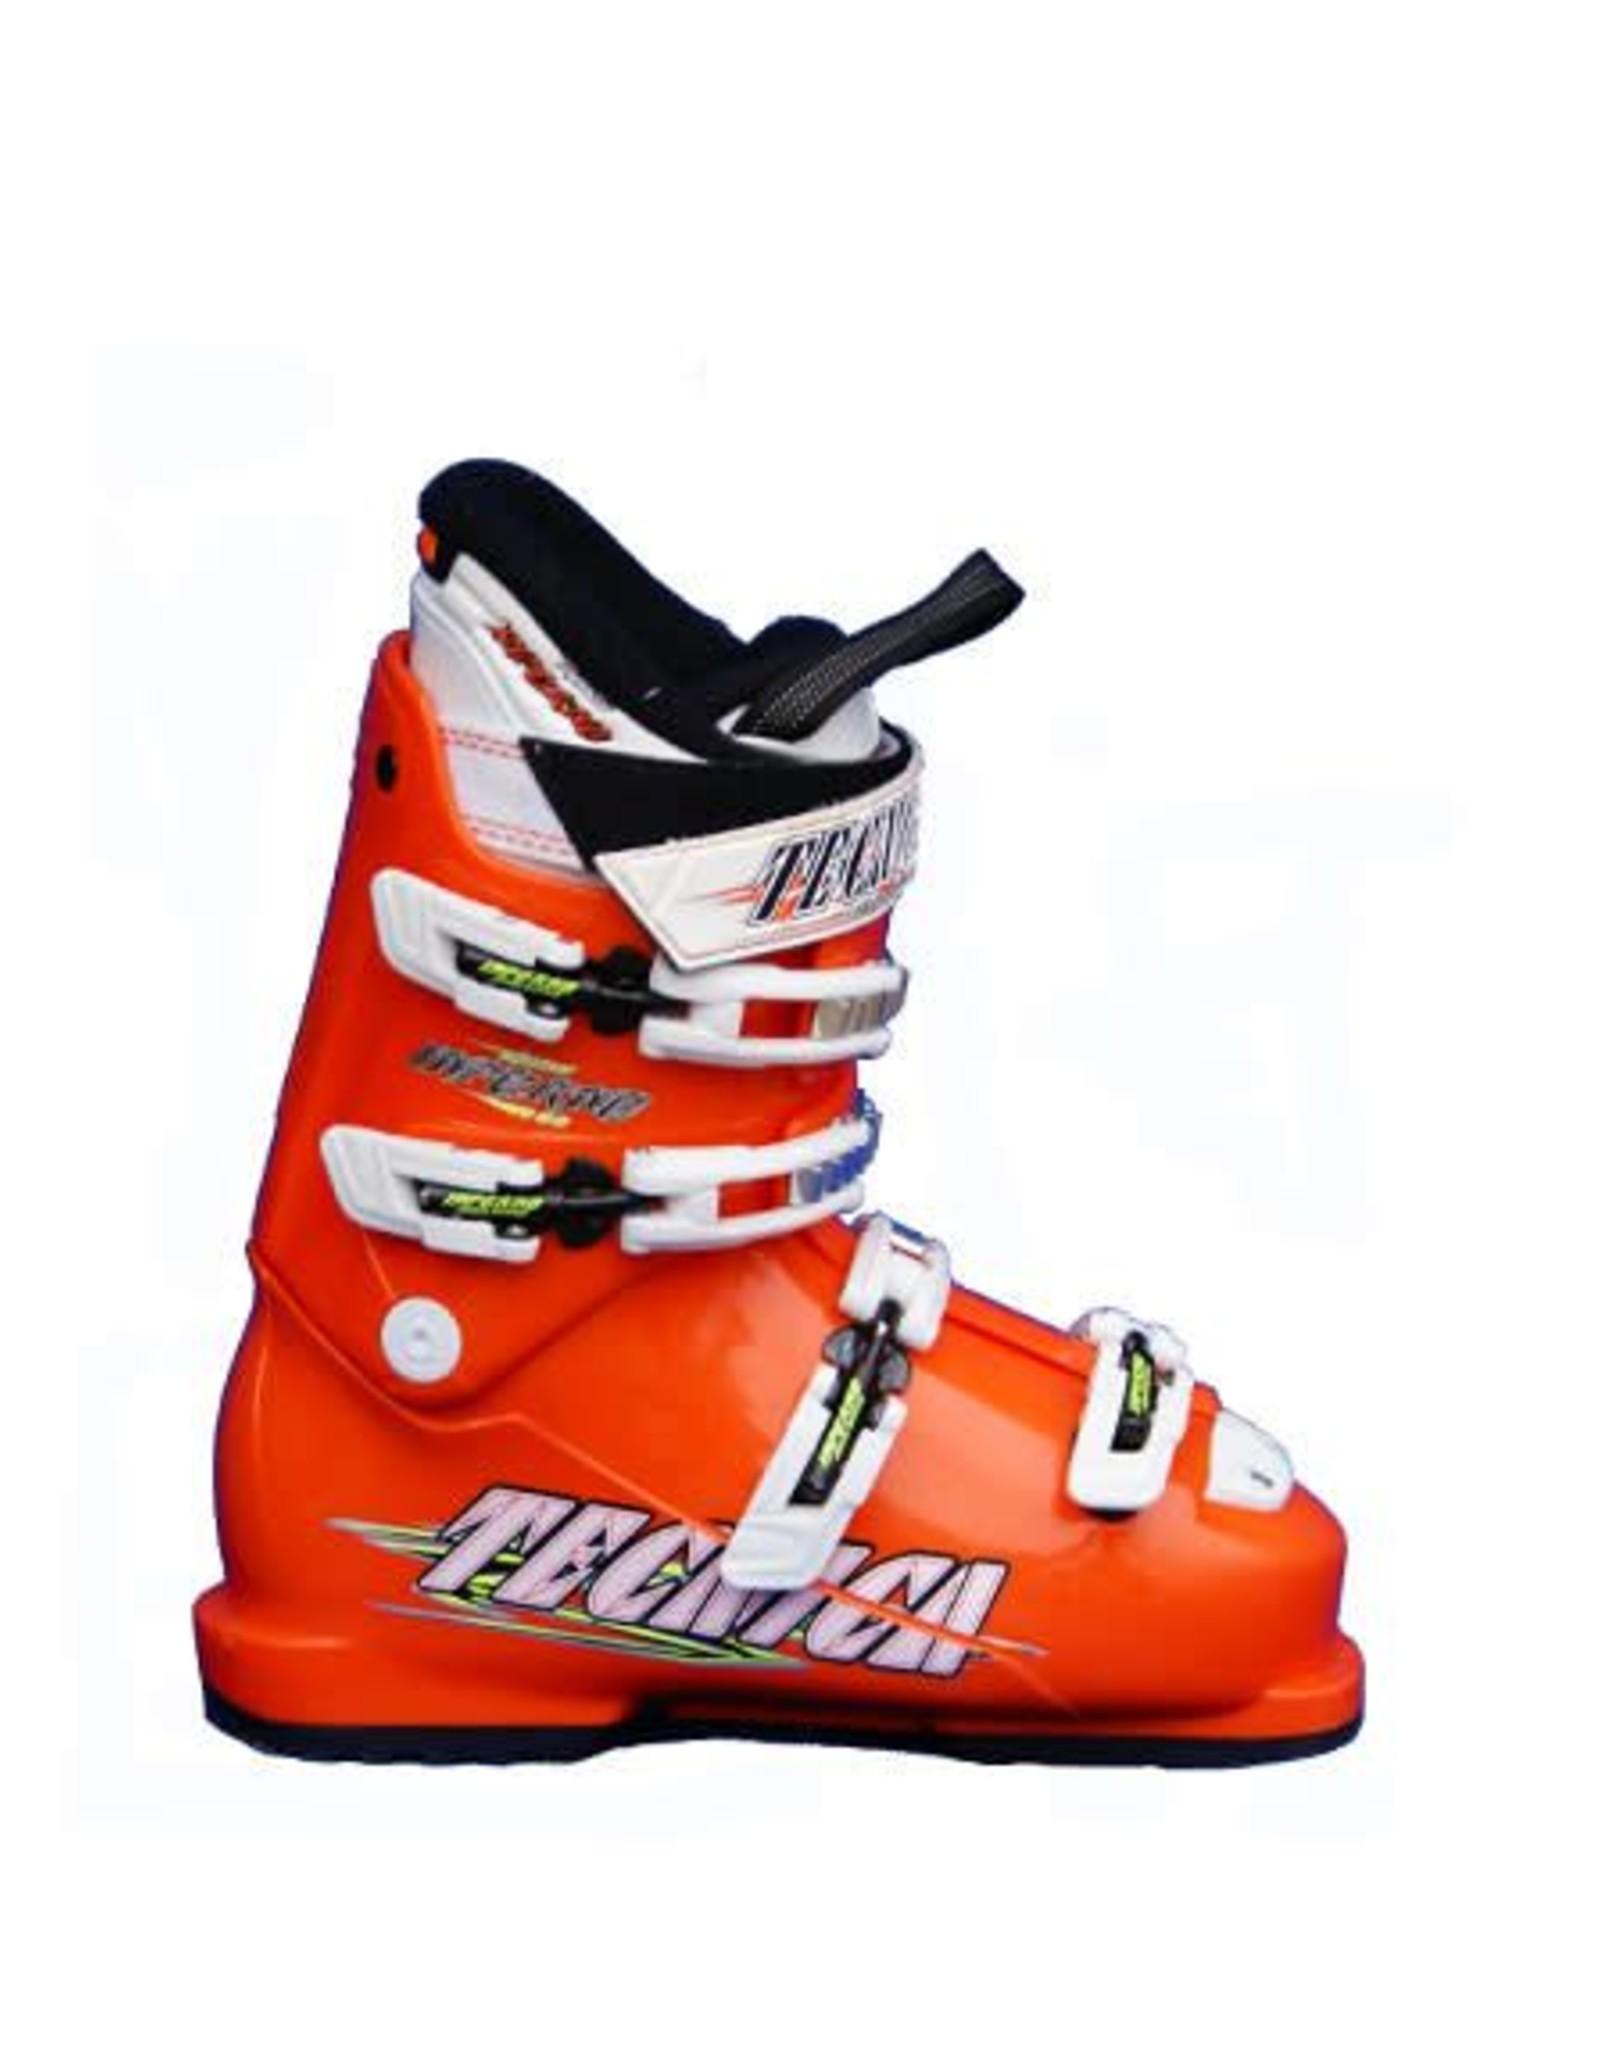 TECNICA Skischoenen TECNICA Inferno R60 Gebruikt